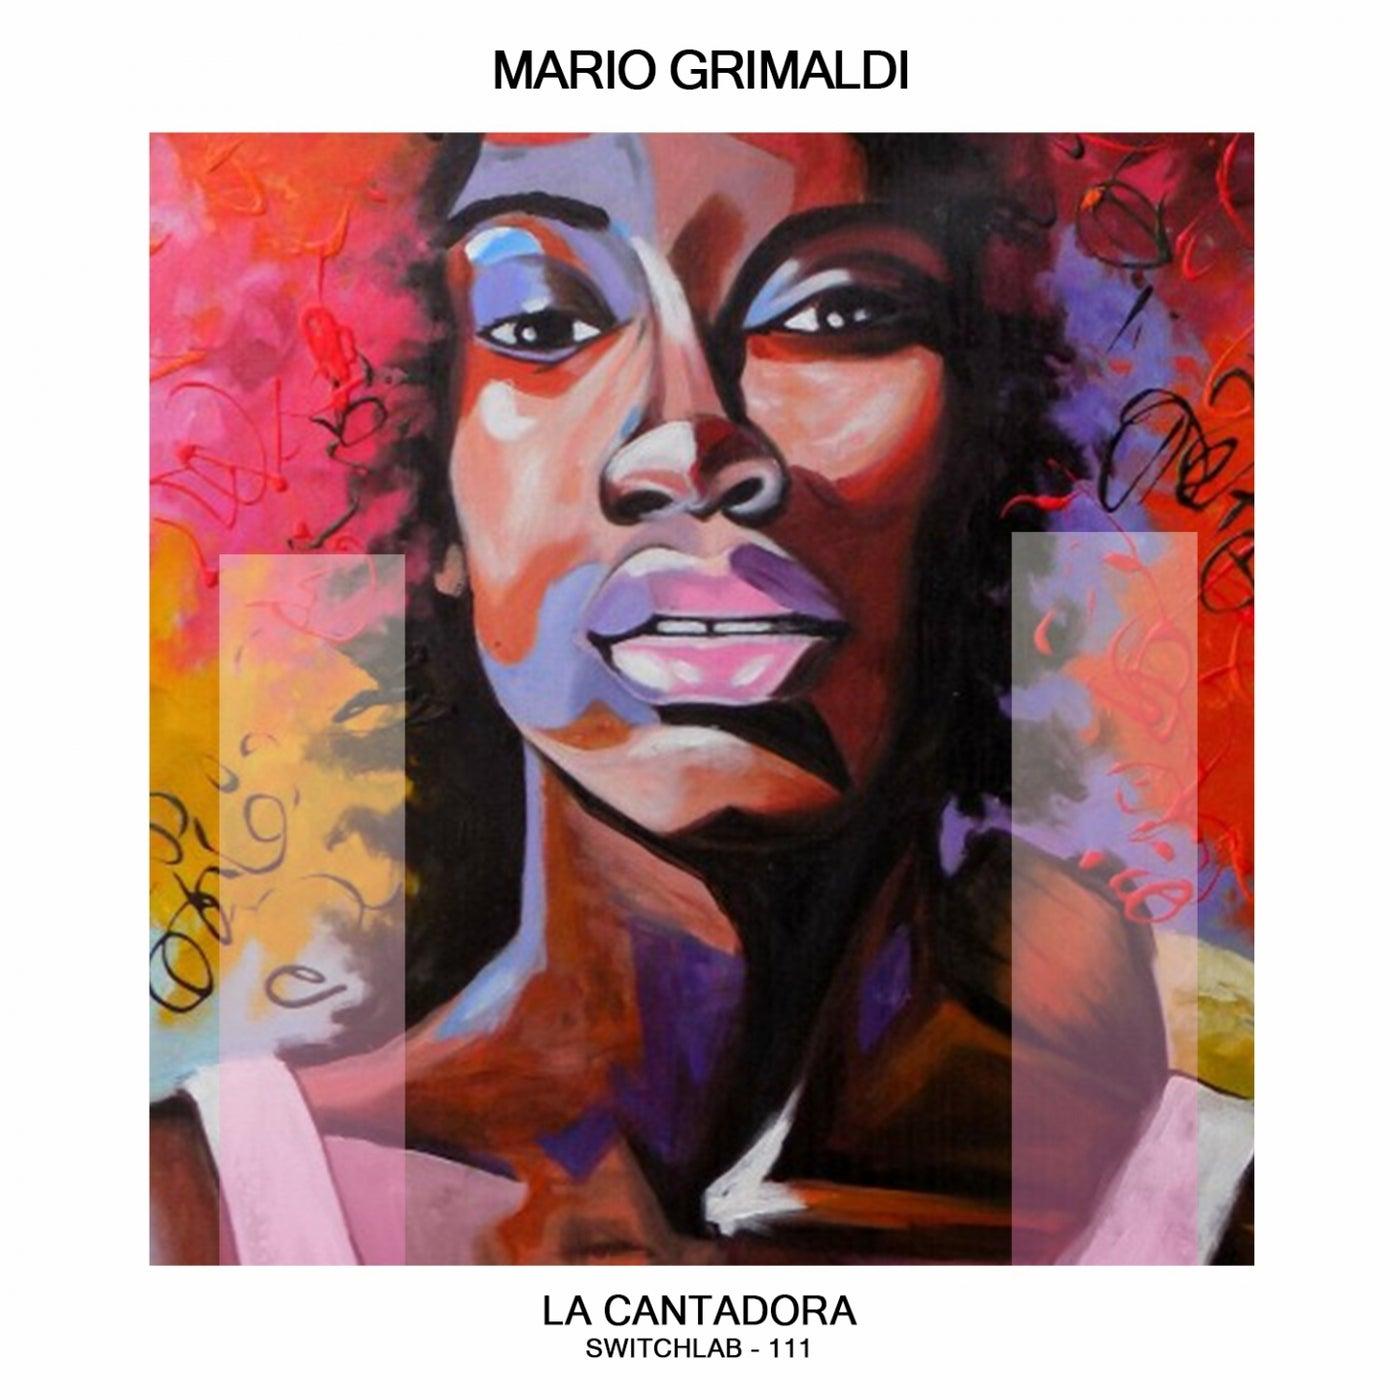 La Cantadora (Original Mix)